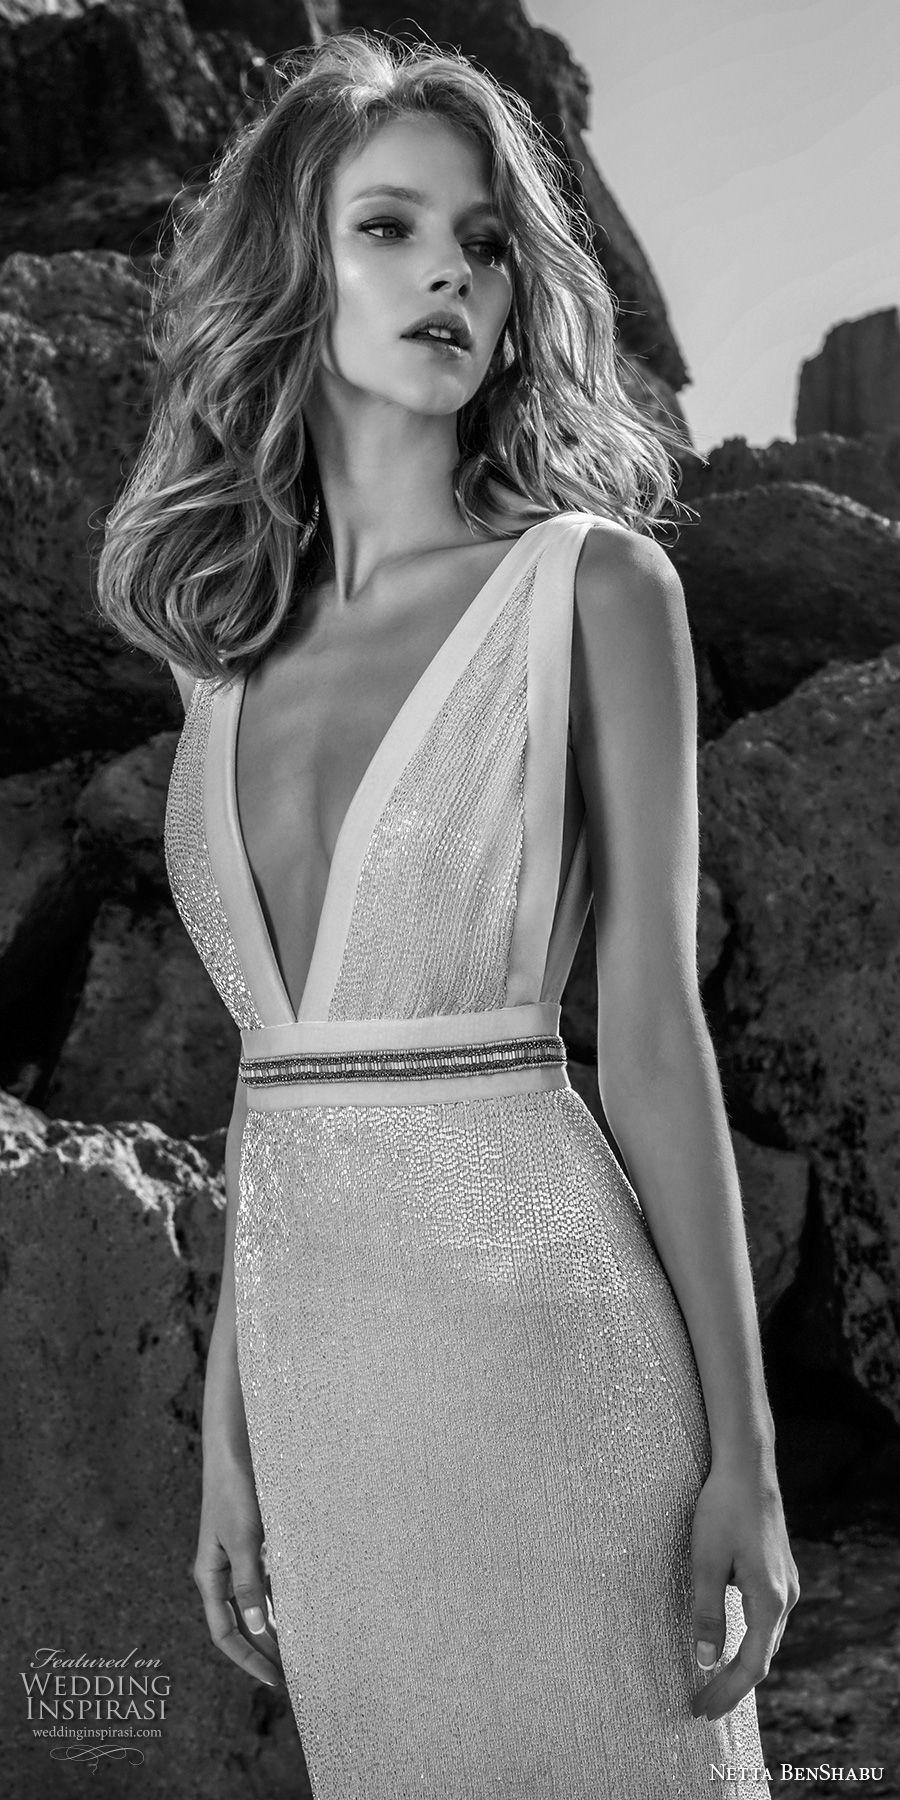 netta benshabu 2017 bridal sleeveless deep v neck light embellishment elegant sheath wedding dress open v back (25) zv mv